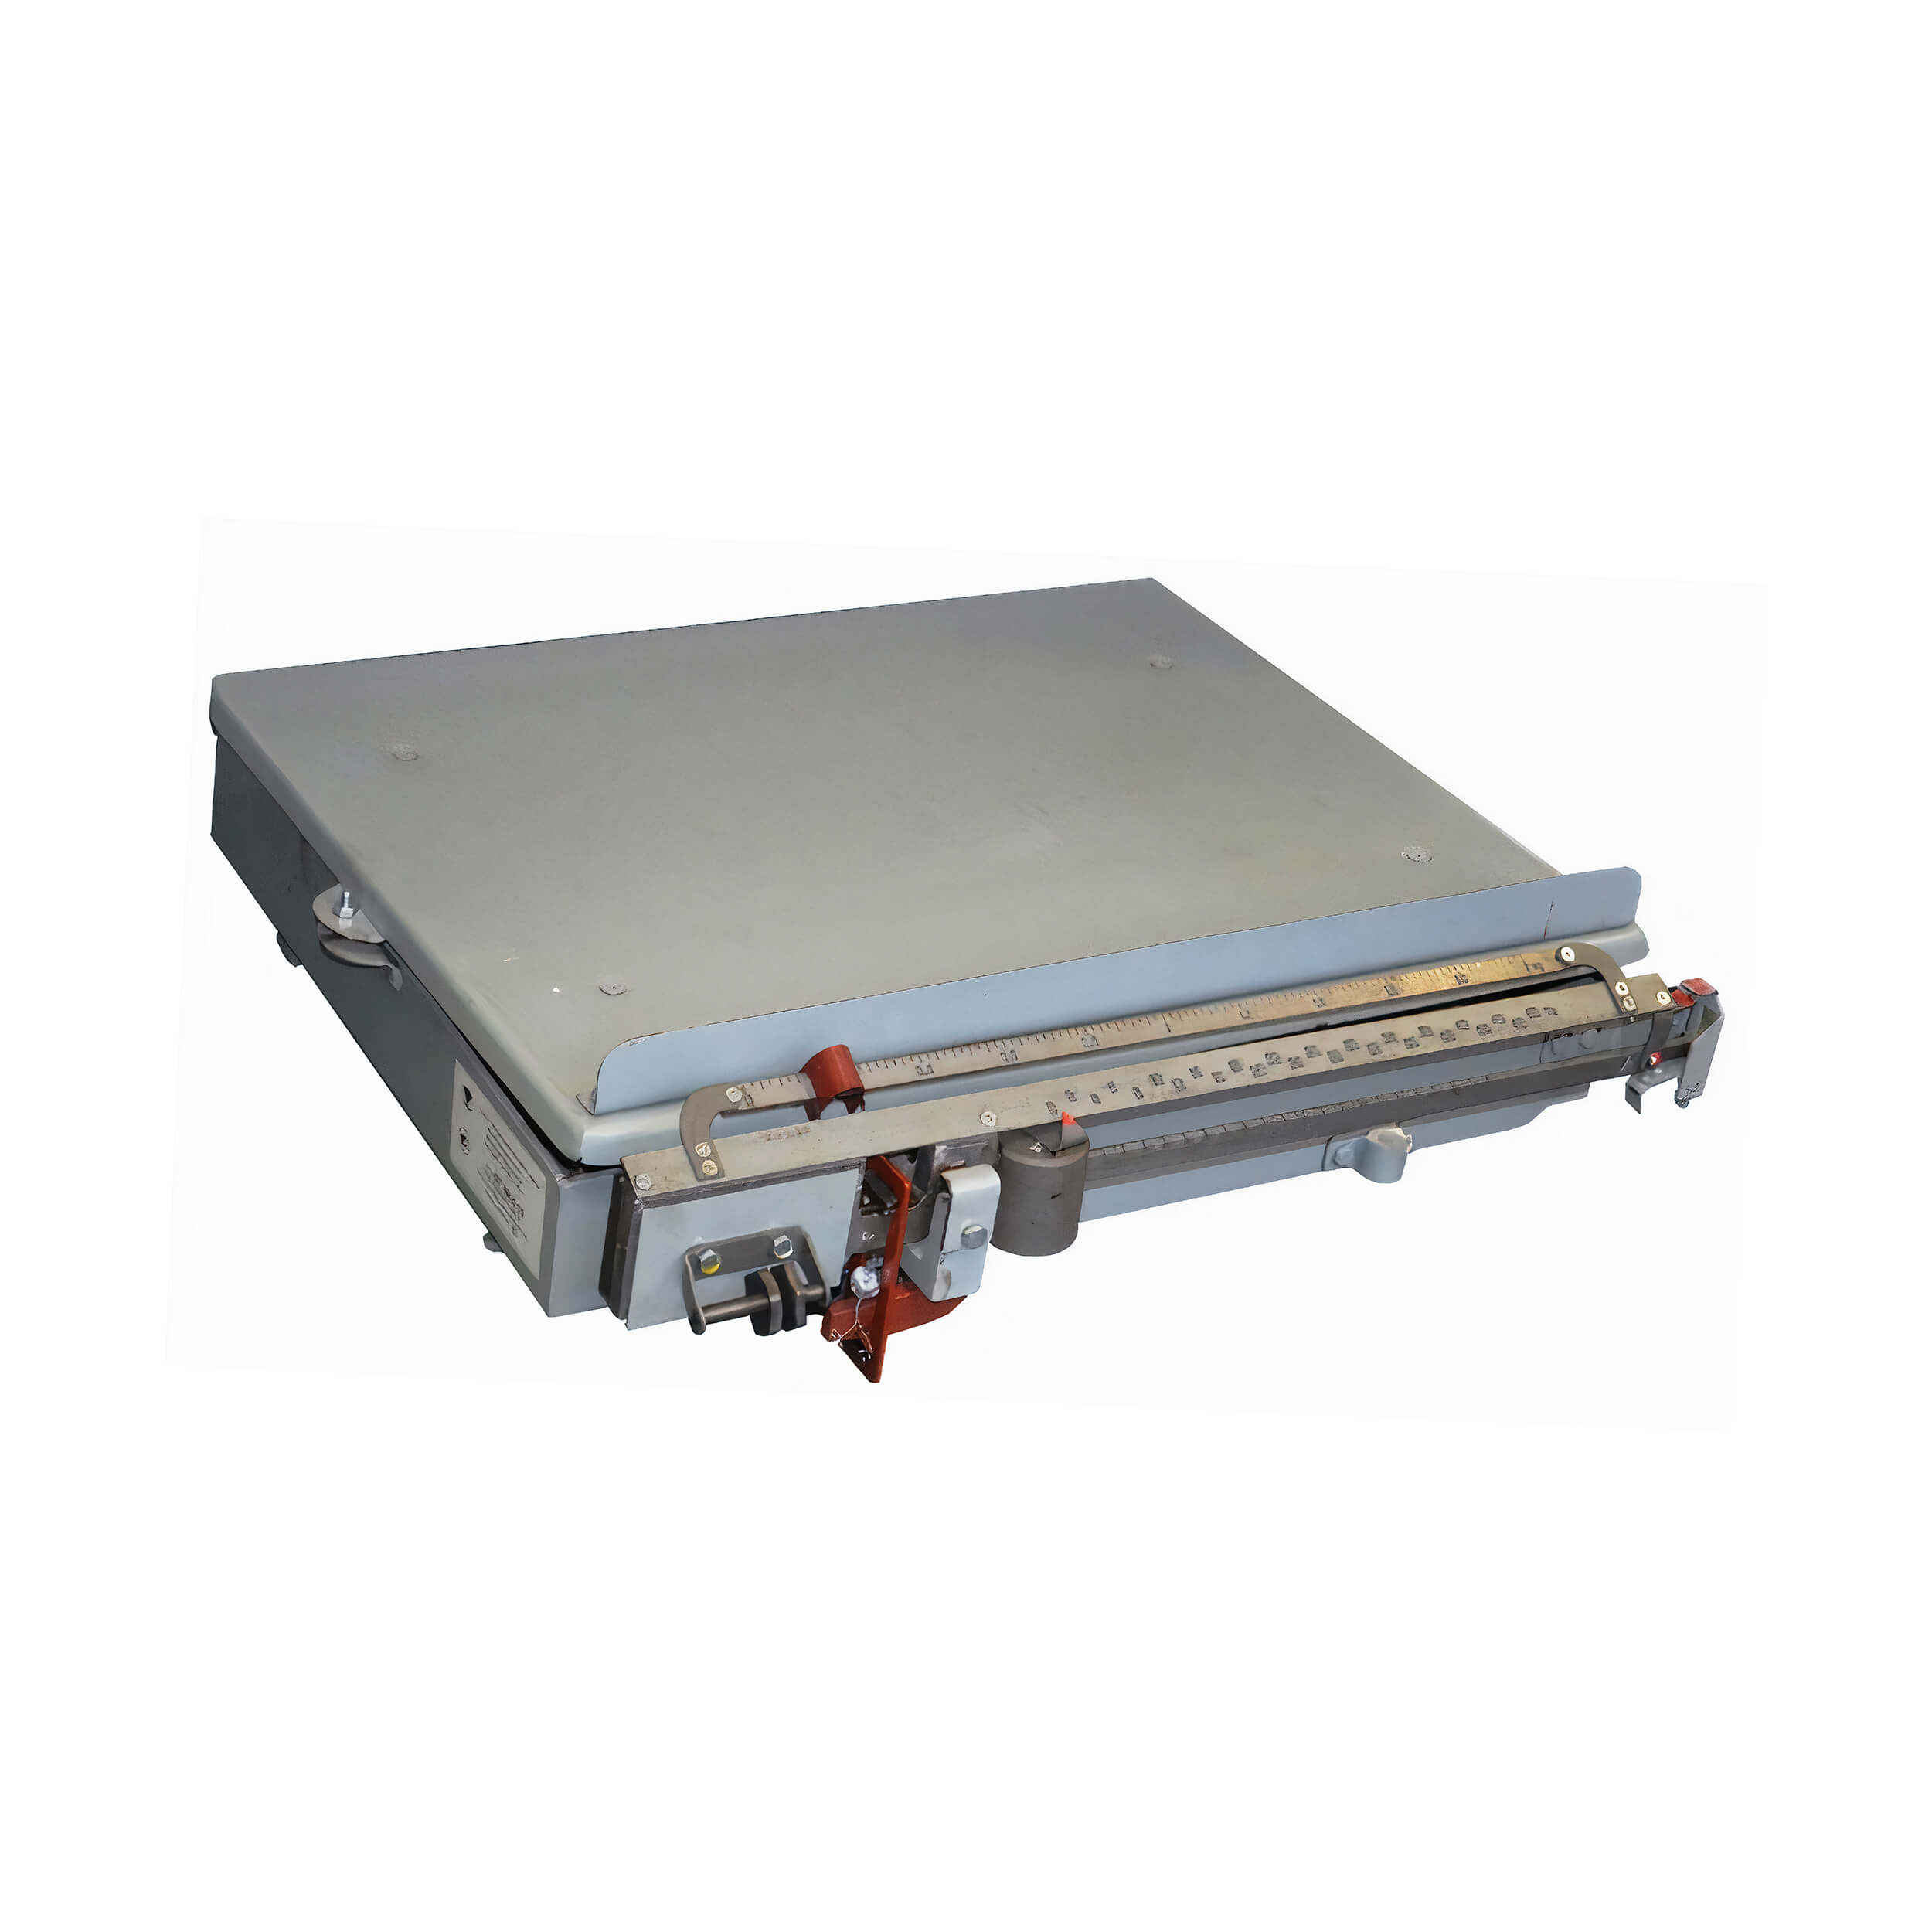 Весы контрольные для улья (до 100 кг, платформа 610х620 мм) фото